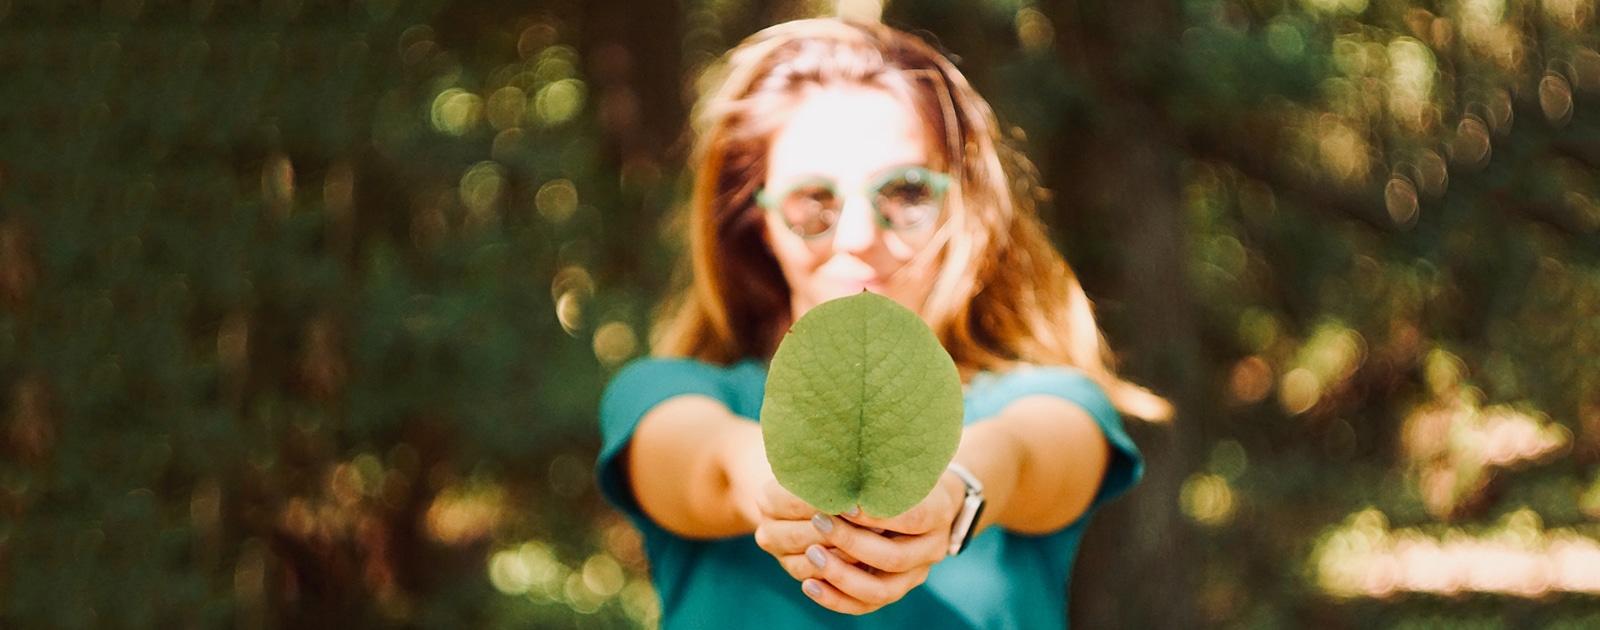 Les femmes et l'écologie, une nouvelle approche ?